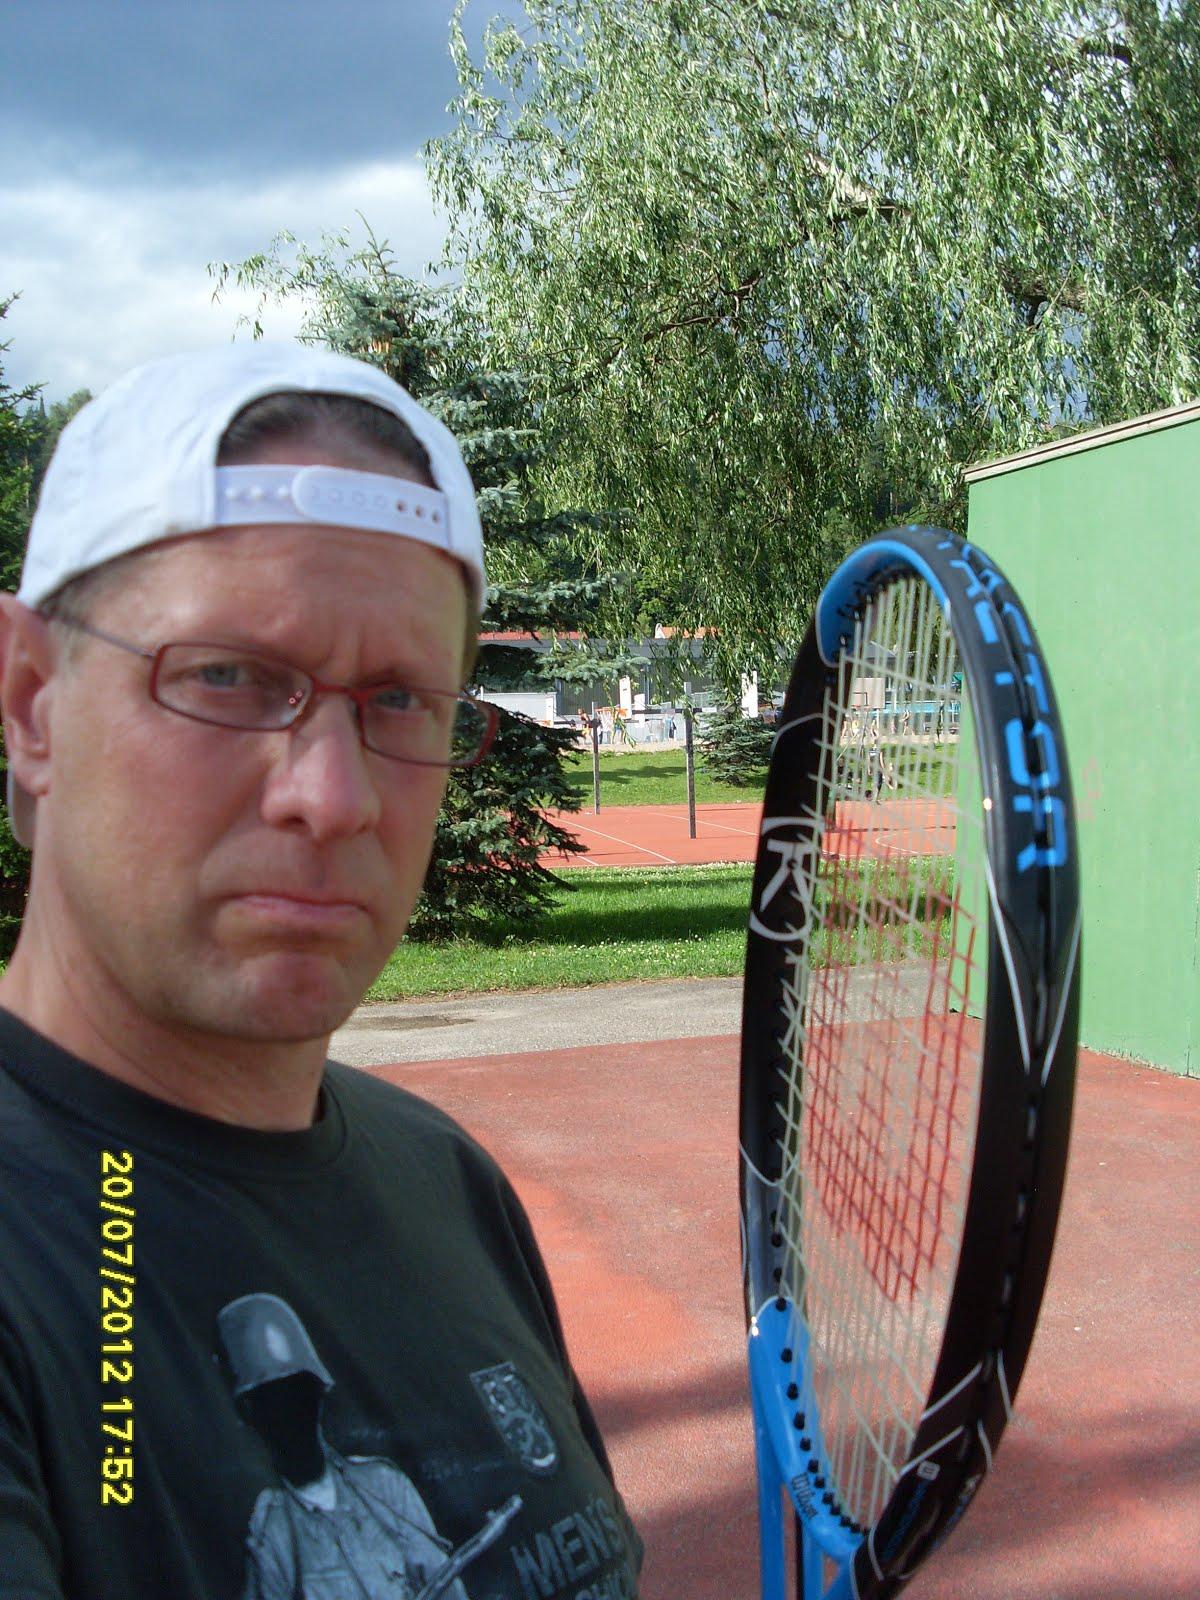 Tennisvalmentaja Olavi Lehto tennisvalmennusta iloksenne ja hyödyksenne työyhteisöille ja perheille